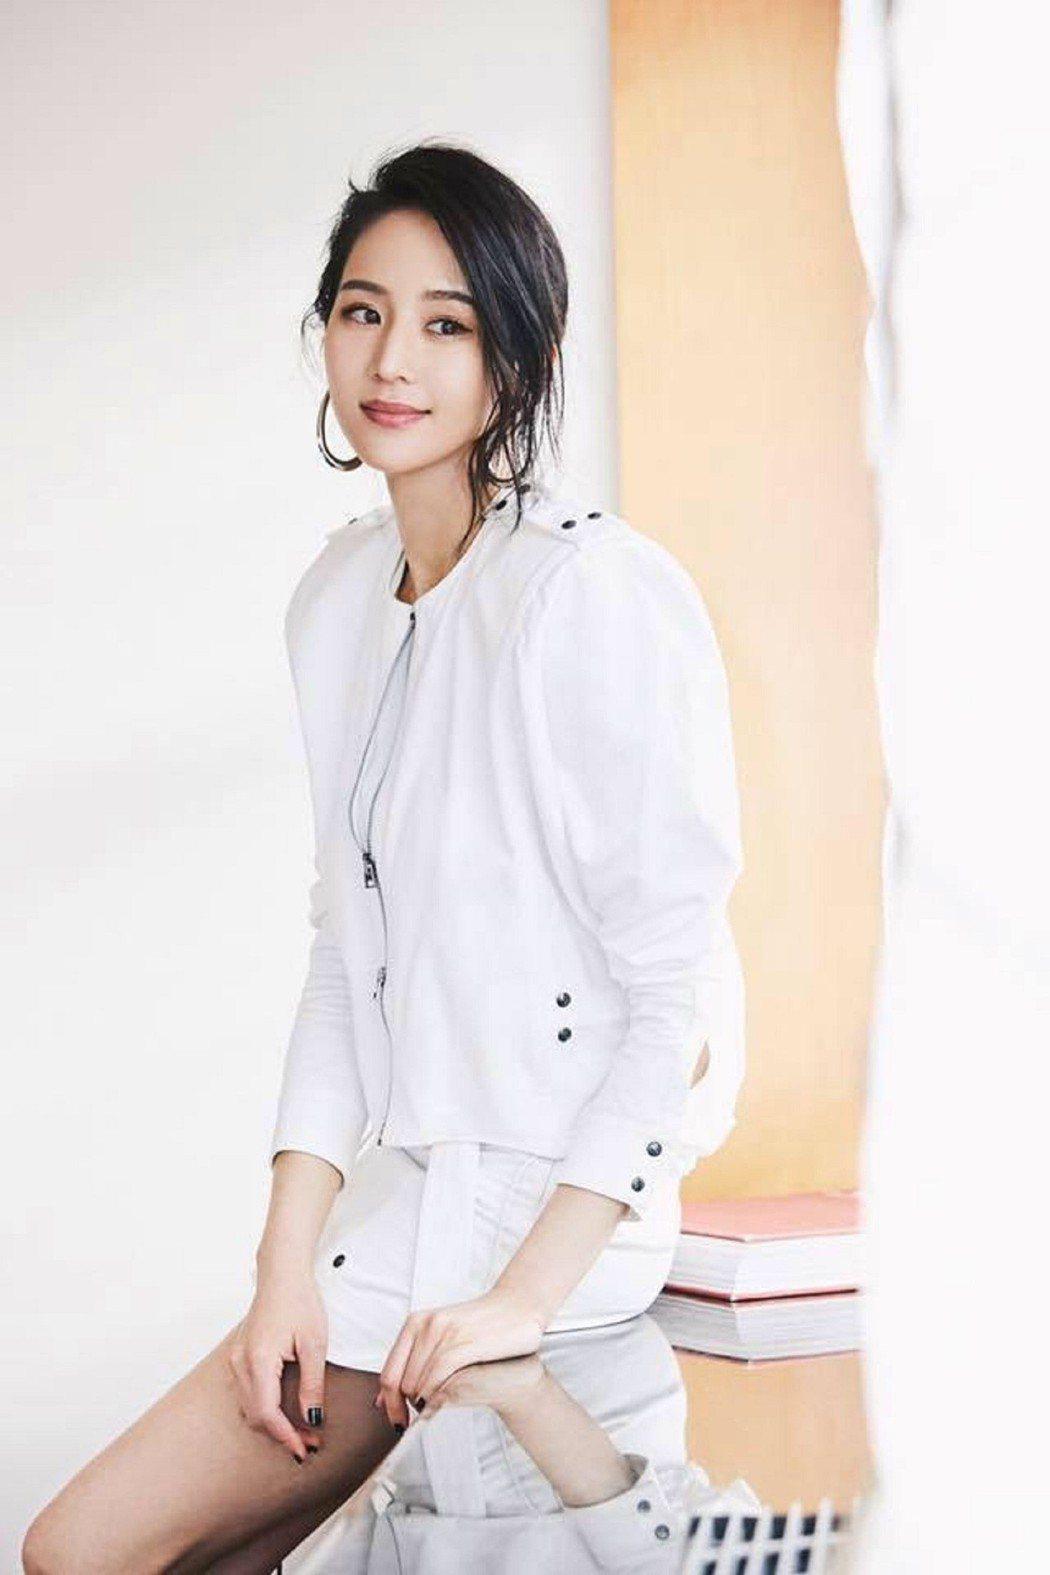 張鈞甯擔任第58屆亞太影展親善大使。圖/摘自臉書